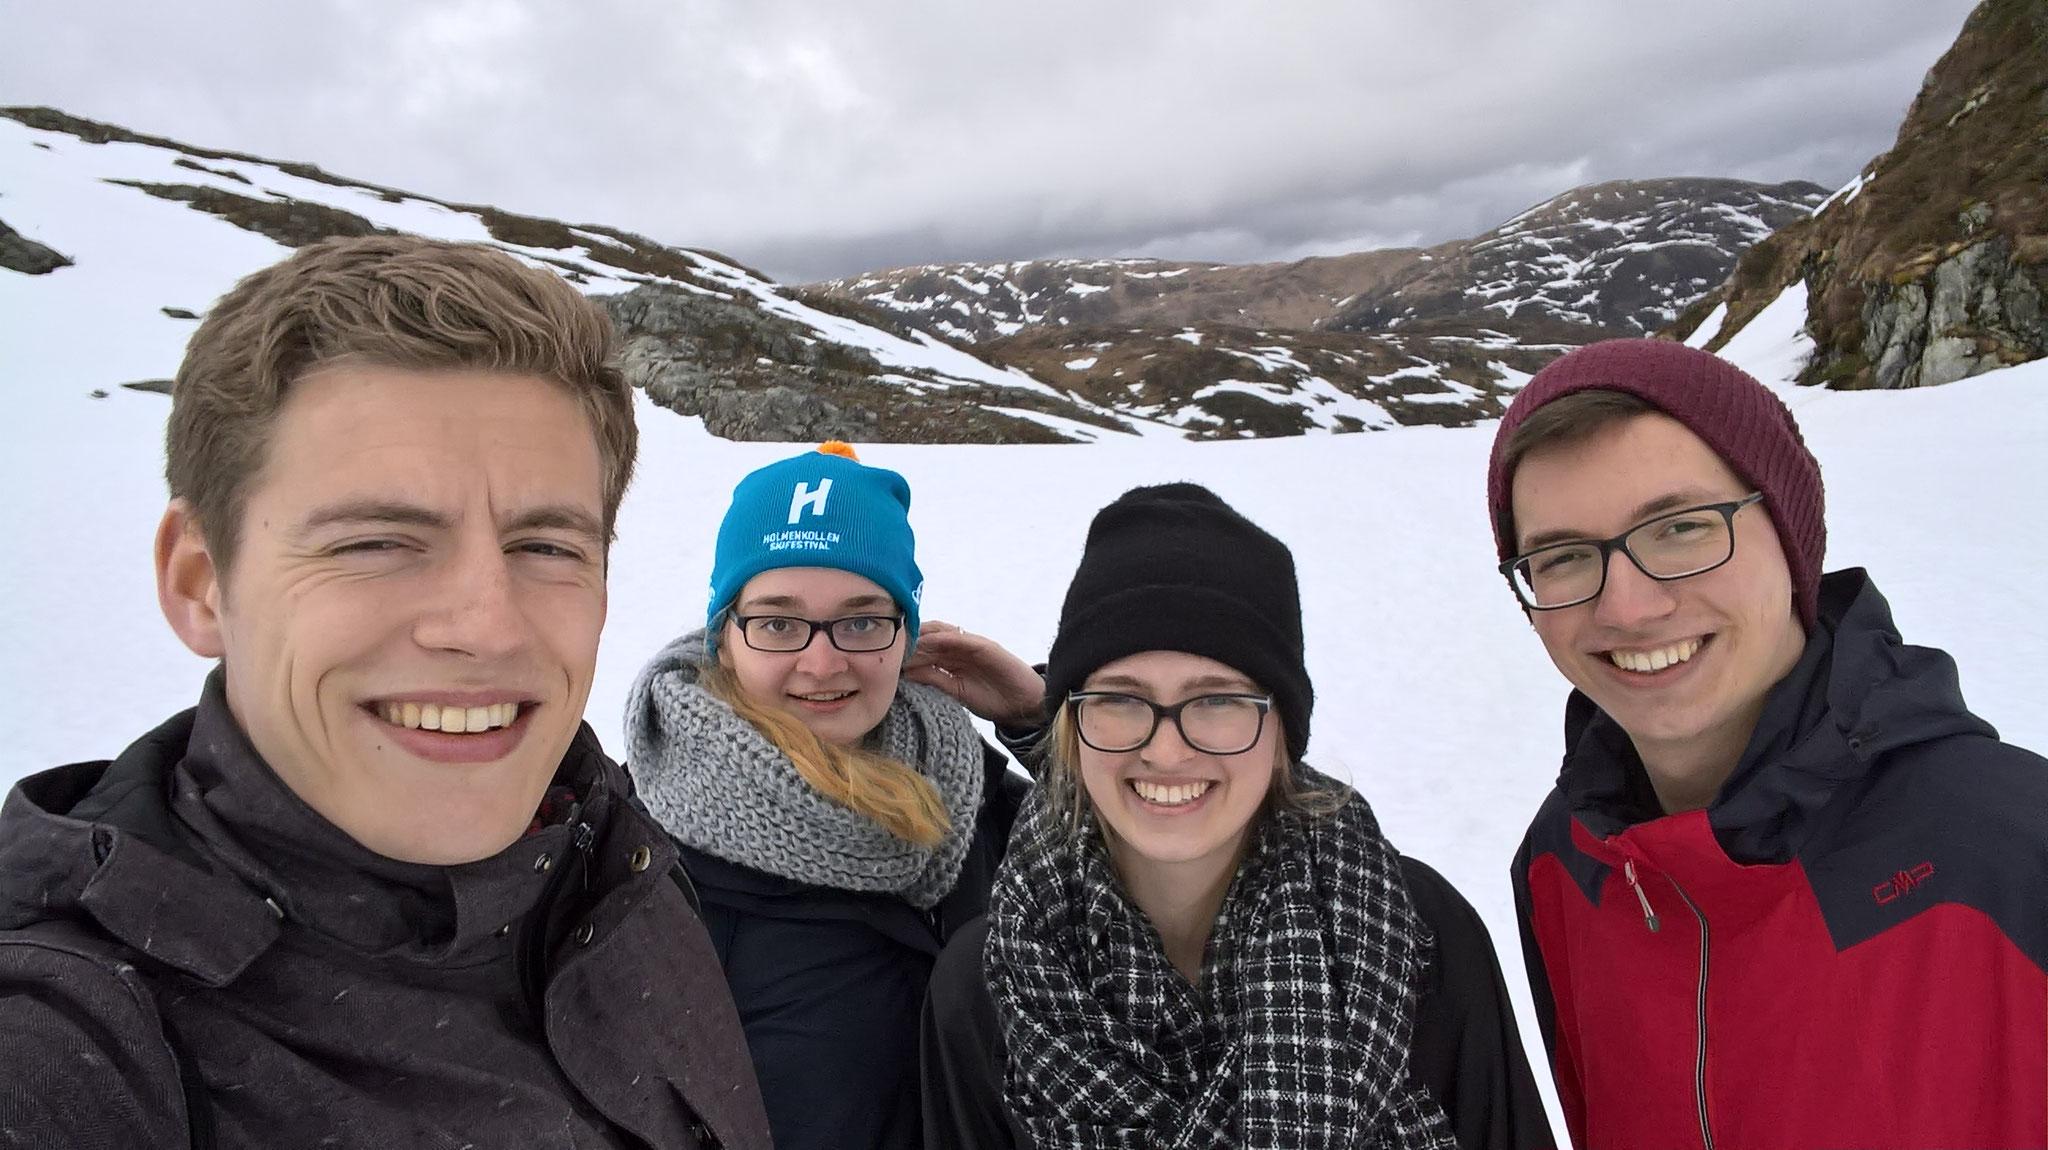 Wanderung in Bergen: Tobias Hövener, Maria Korten, Magdalena Kollbeck und Martin Schäfer